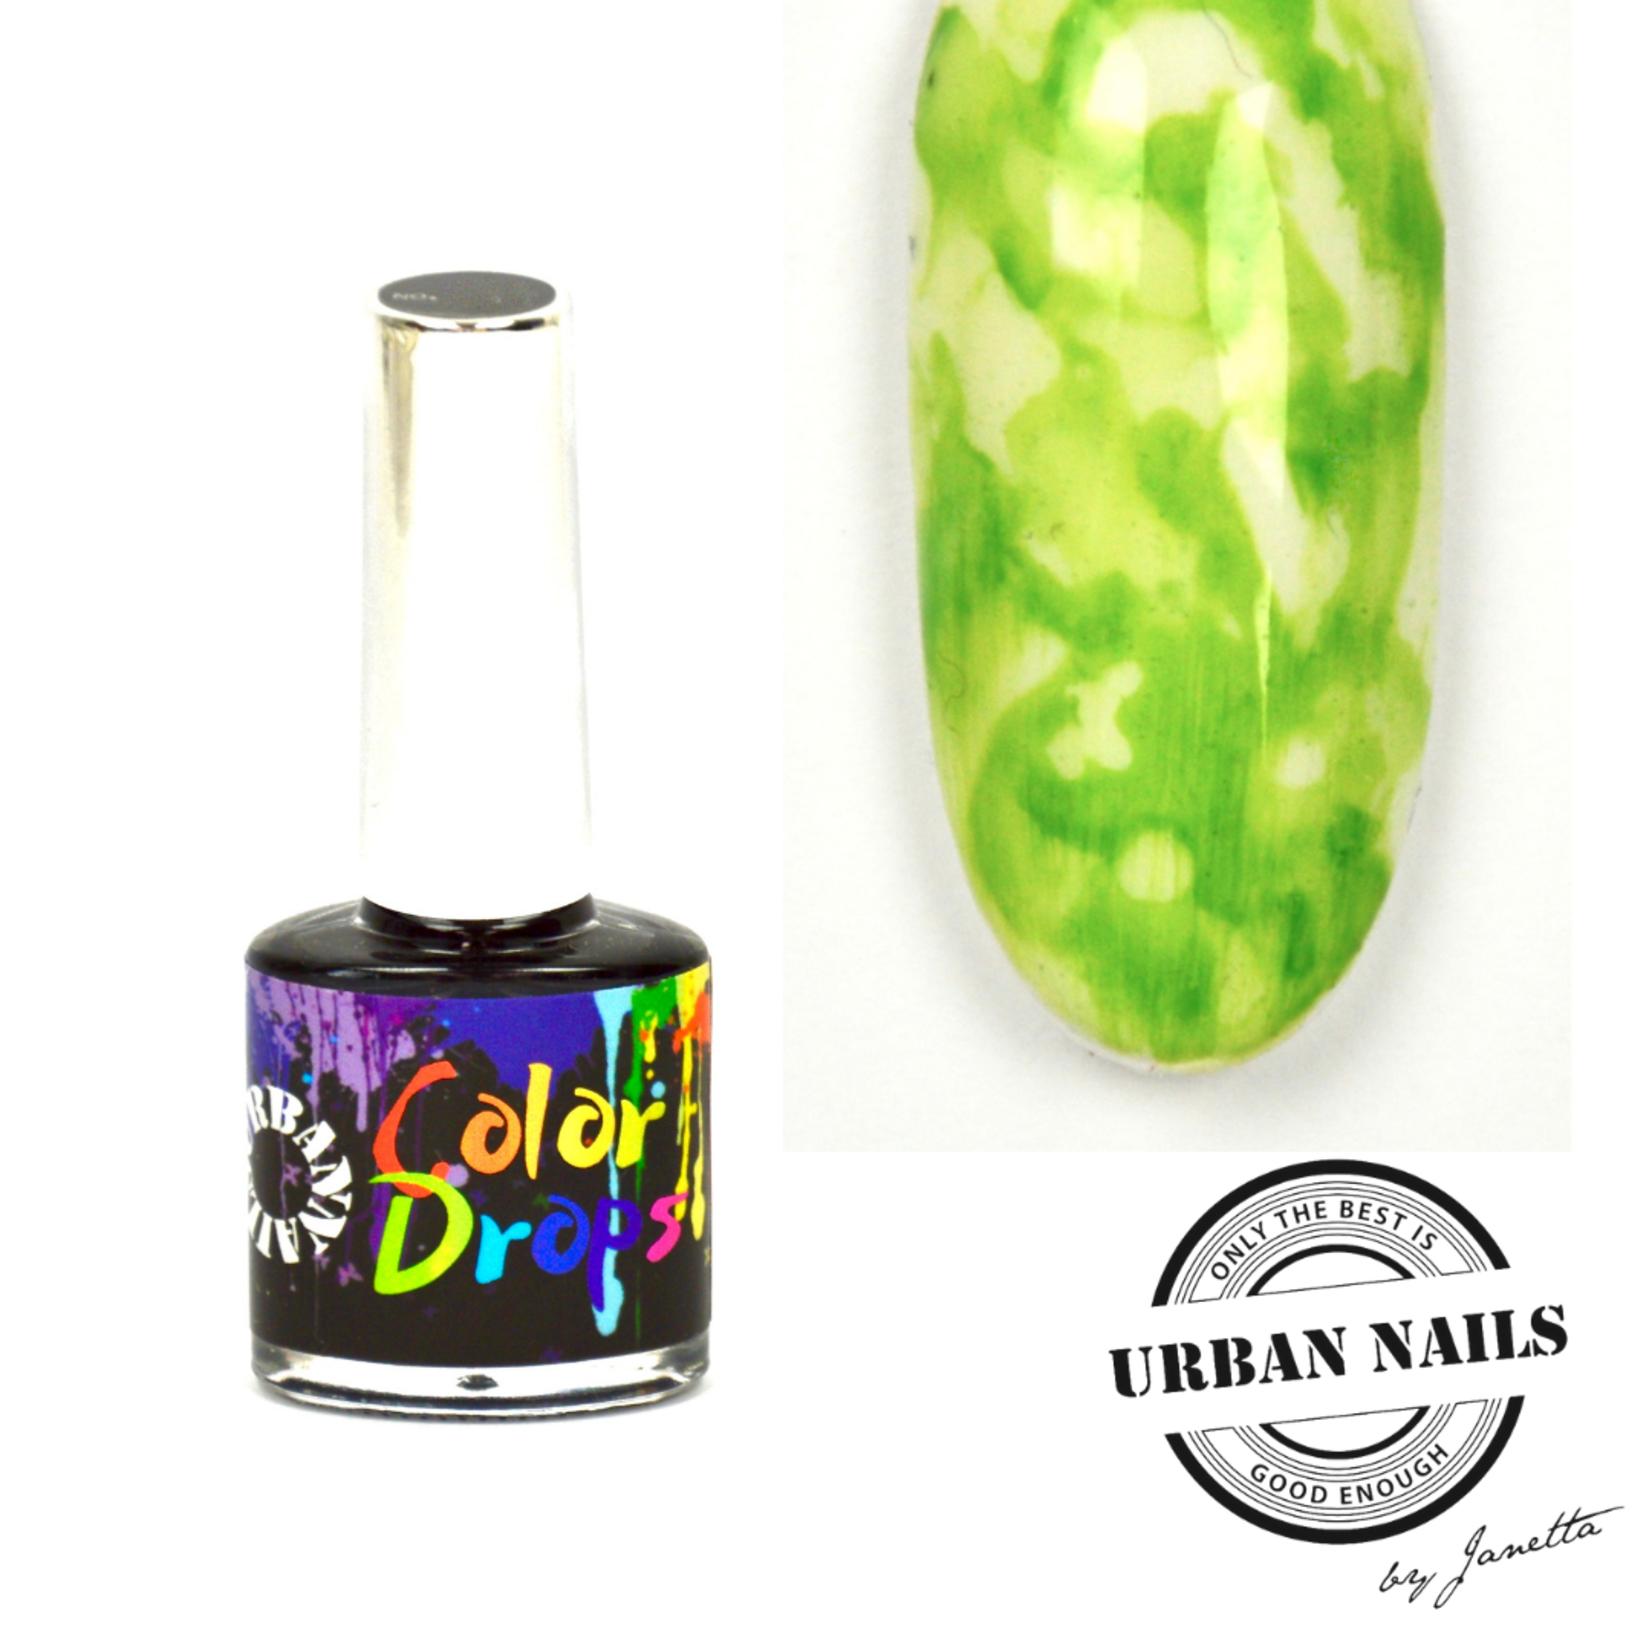 Urban Nails Color Drops 004 Groen/Geel